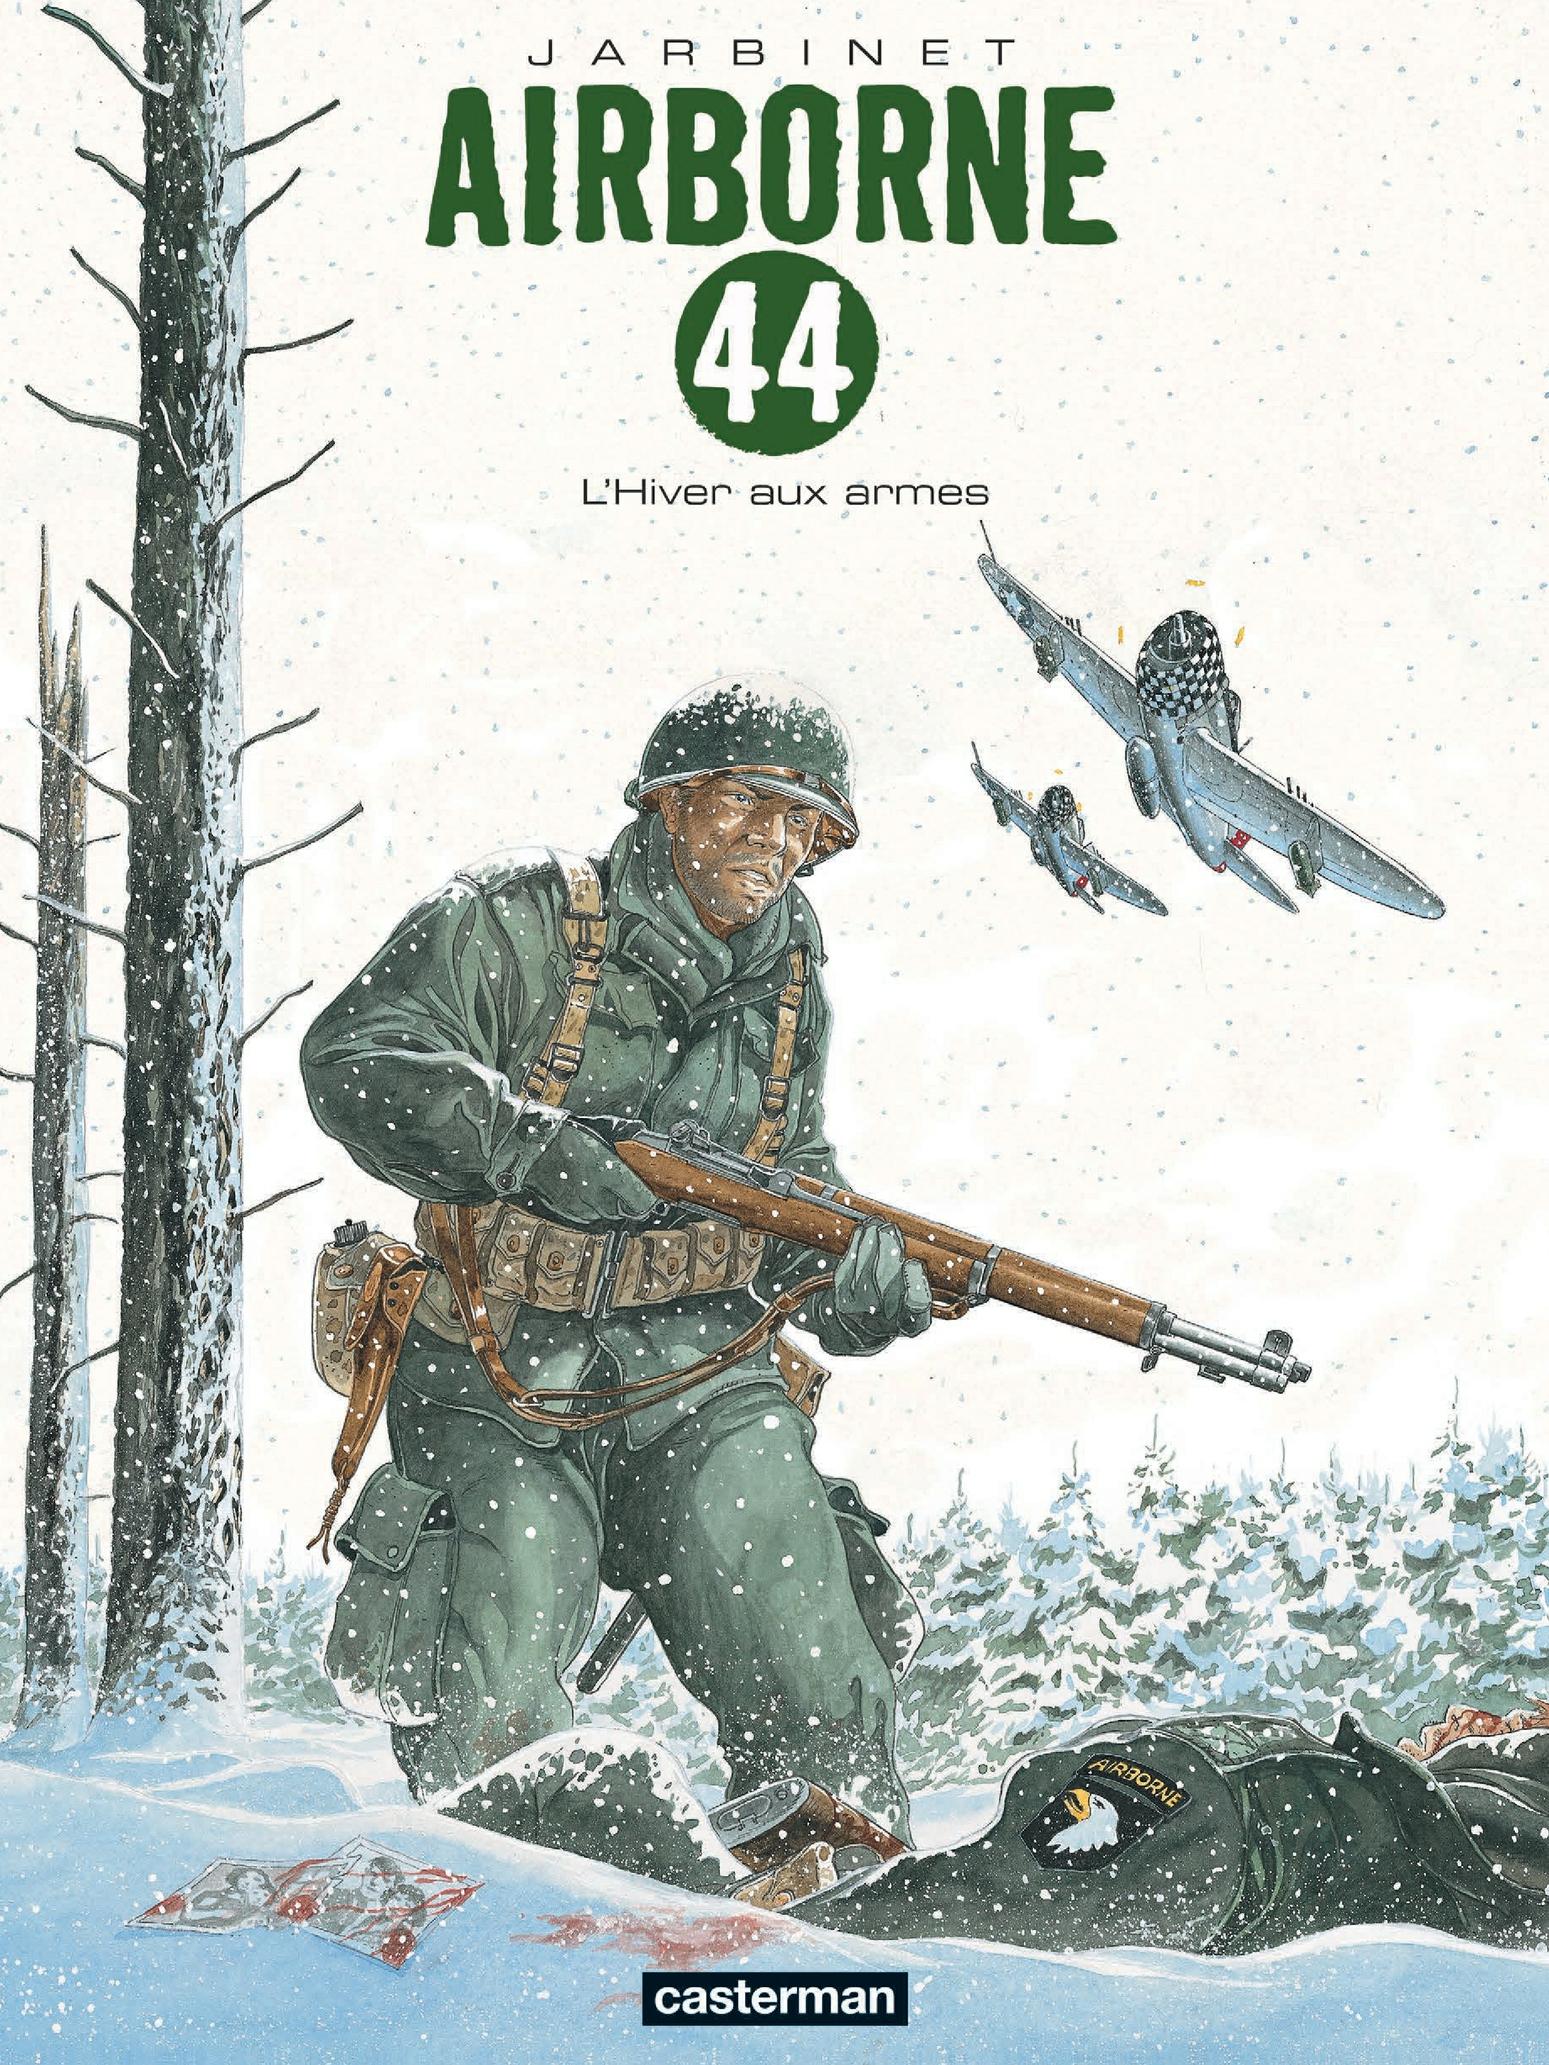 Airborne 44 (Tome 6) -  L'Hiver aux armes